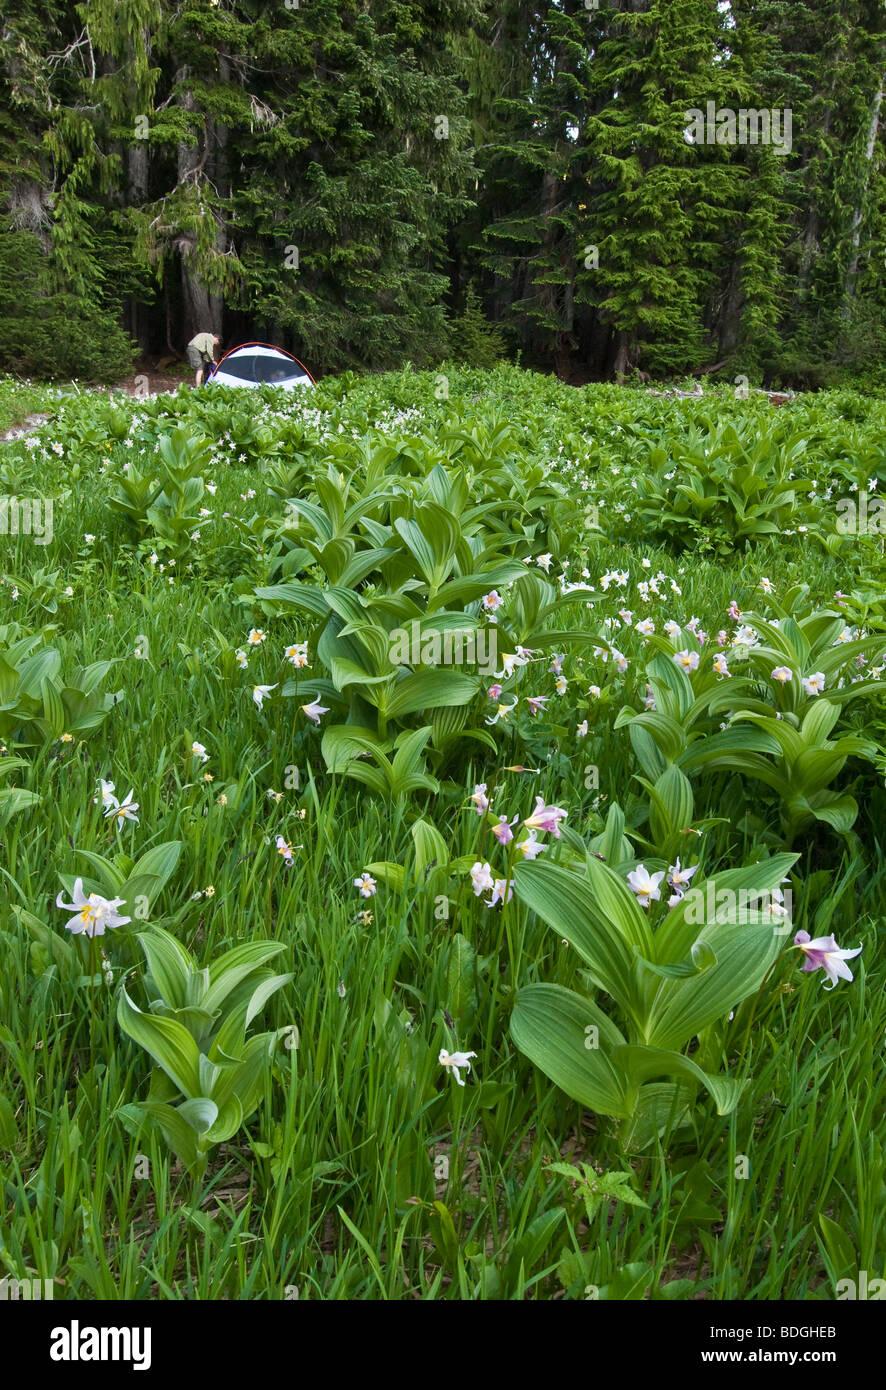 Sol Duc Park Campingplatz auf Wiese mit LVS-Lilien und Mais Lilie, Olympic Nationalpark, Washington. Stockbild